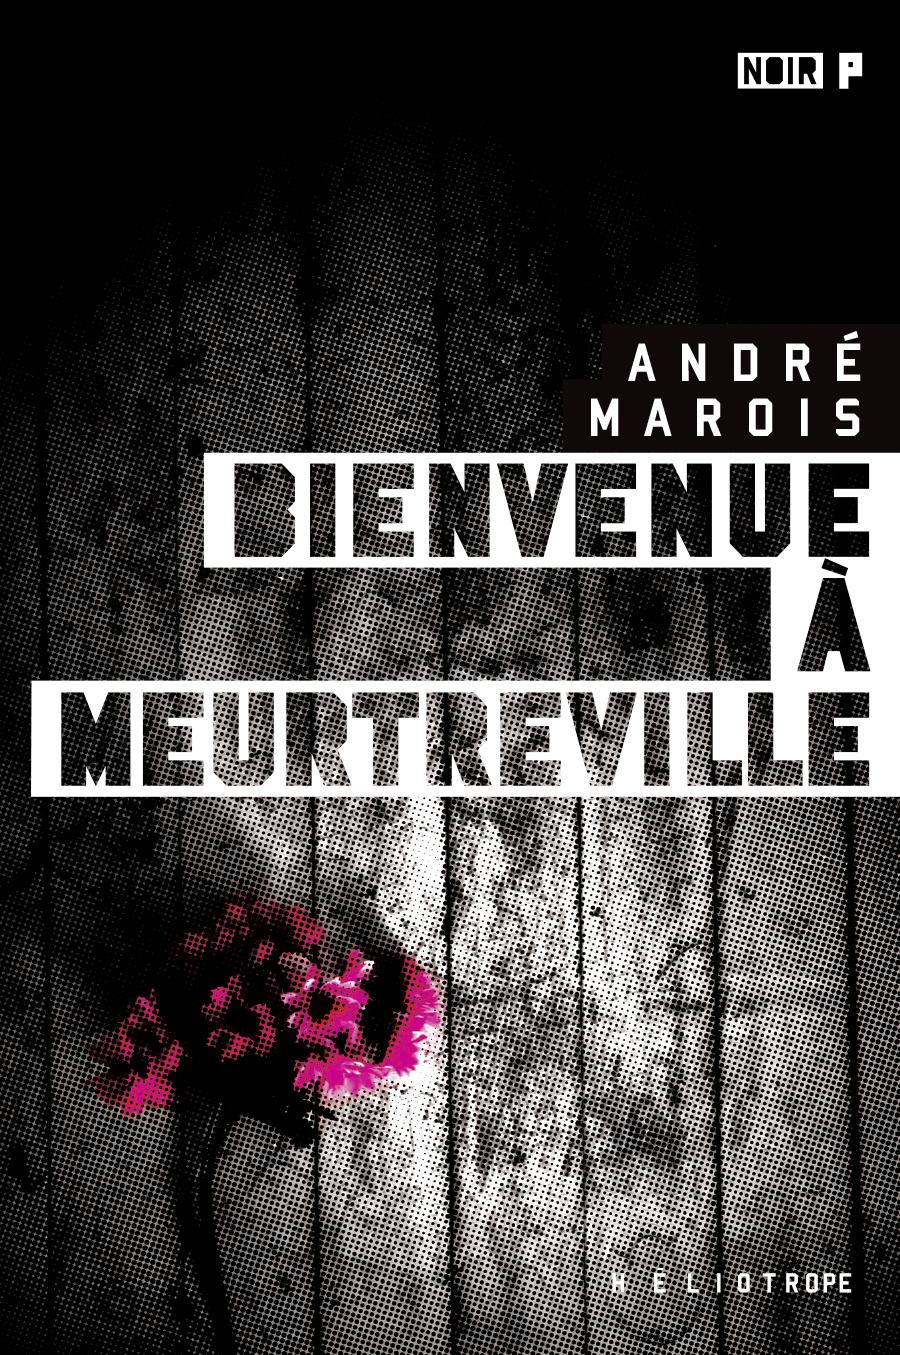 Bienvenue à Meurtreville - André Marois